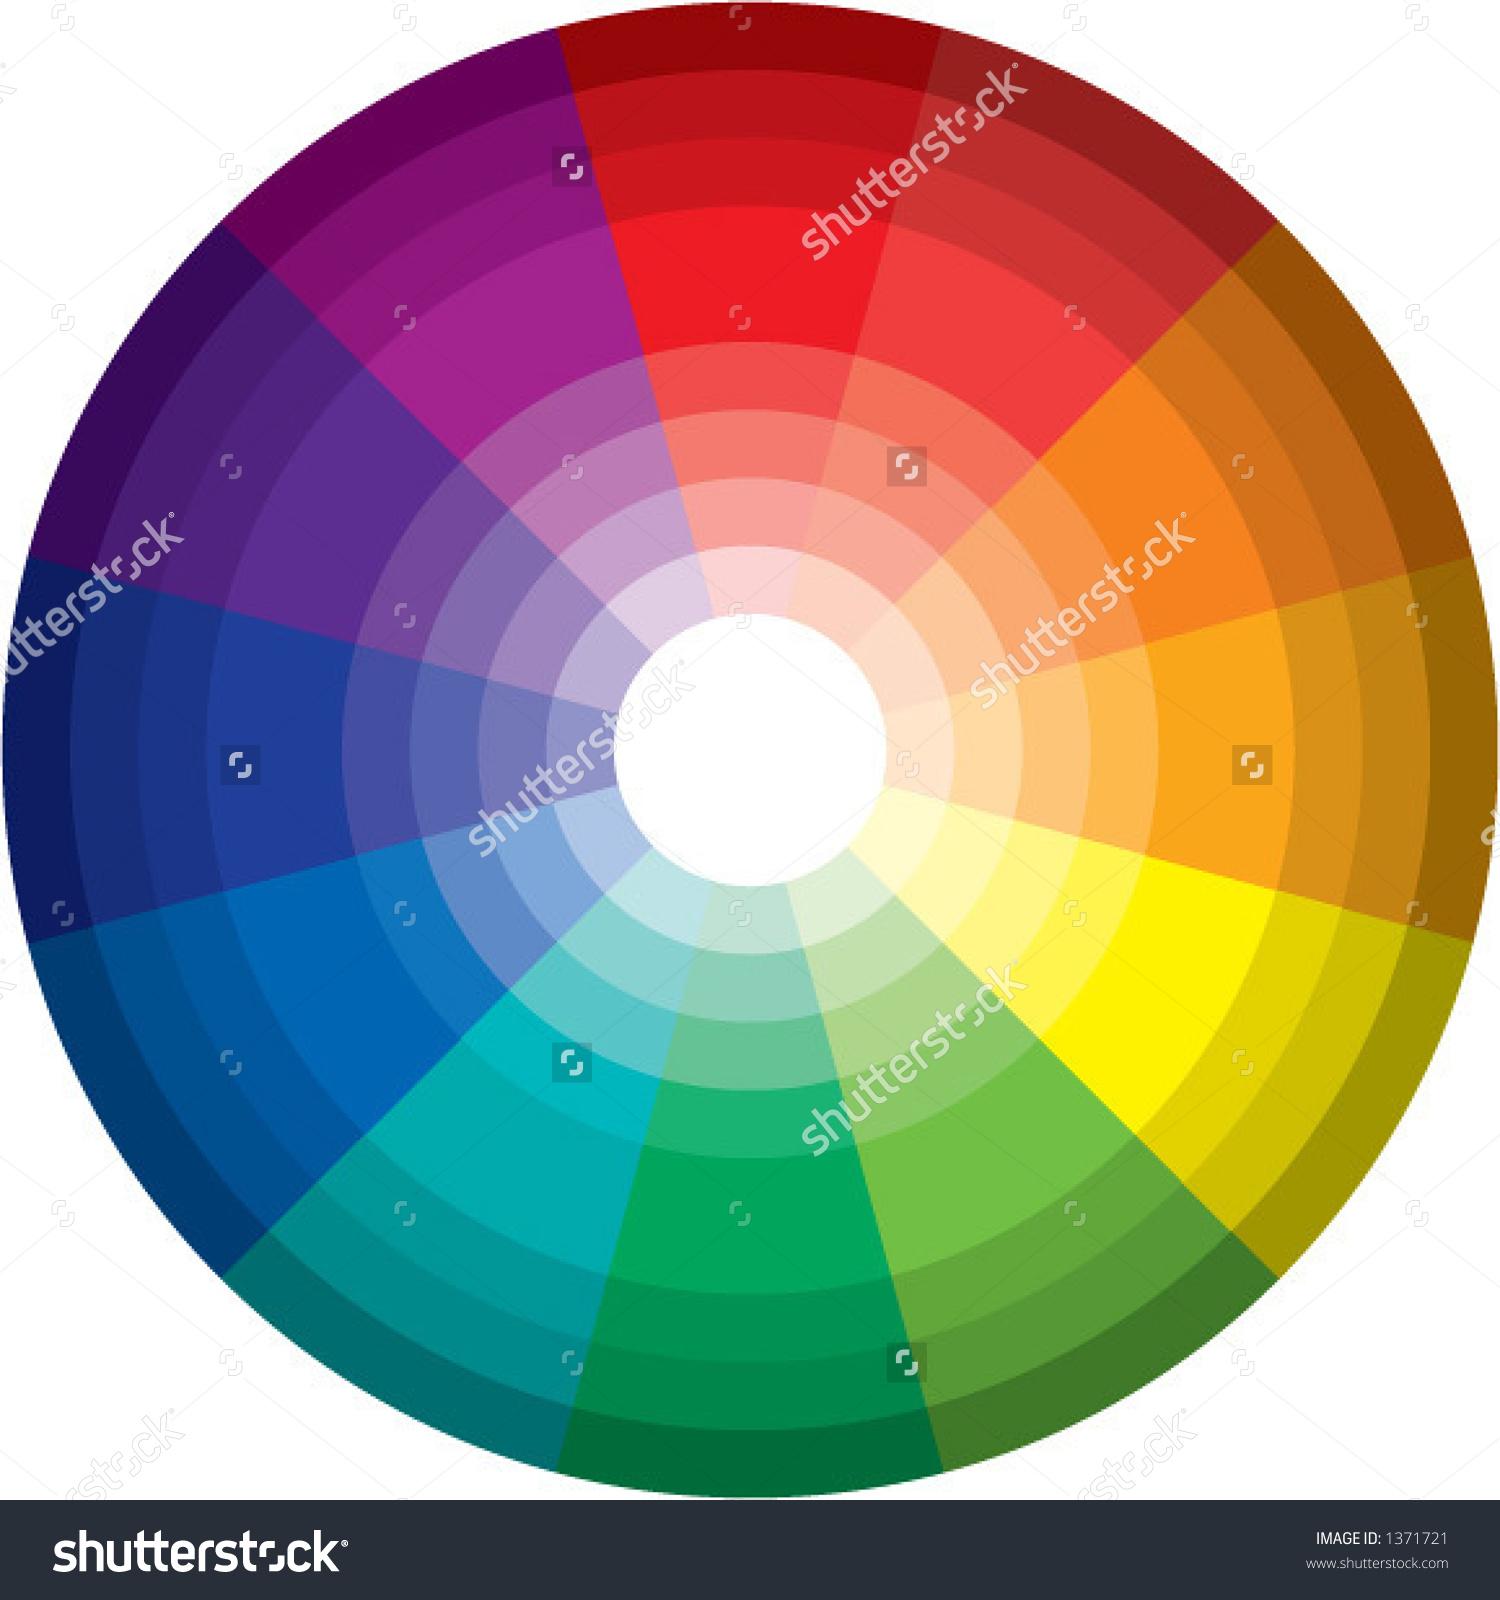 96 Color Spectrum Wheel Vector Stock Vector 1371721.